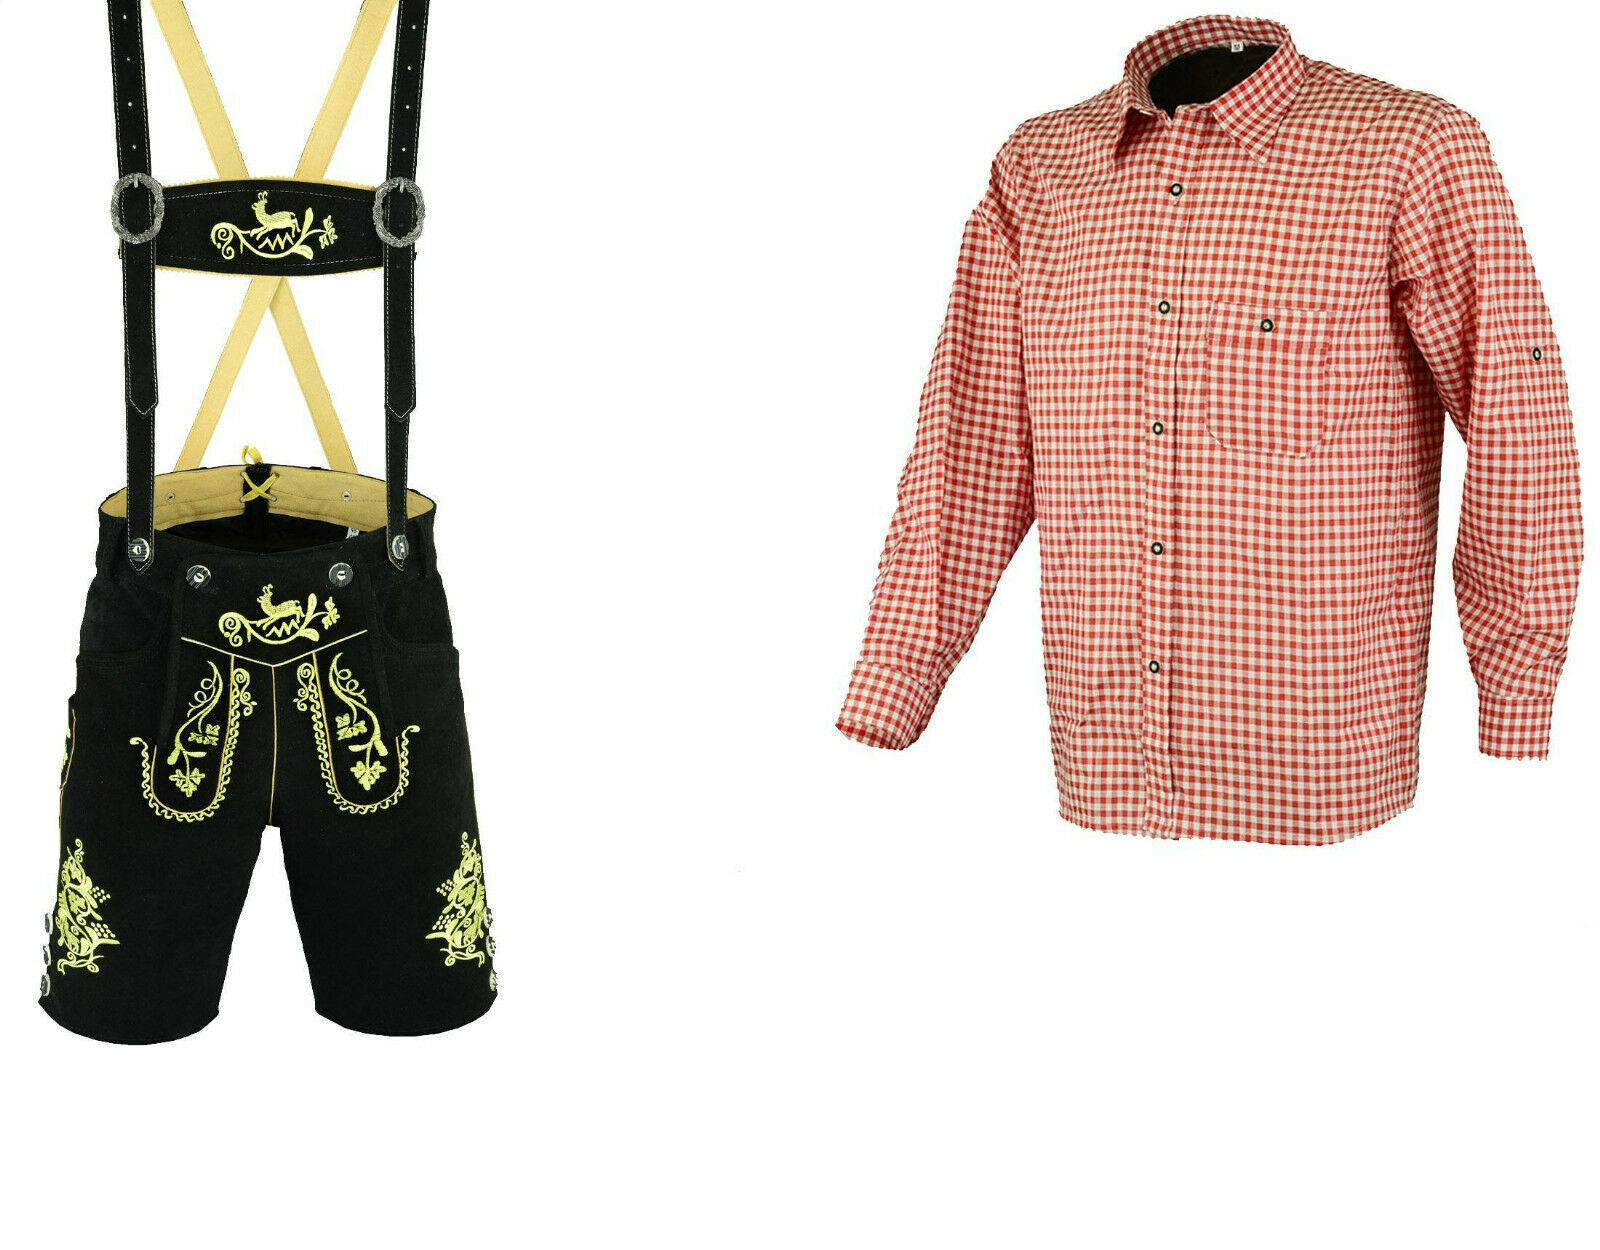 Herren Trachtenlederhose Schwarz Kurz 46 bis 60 Rotes Hemd Trachten Set LE25RH